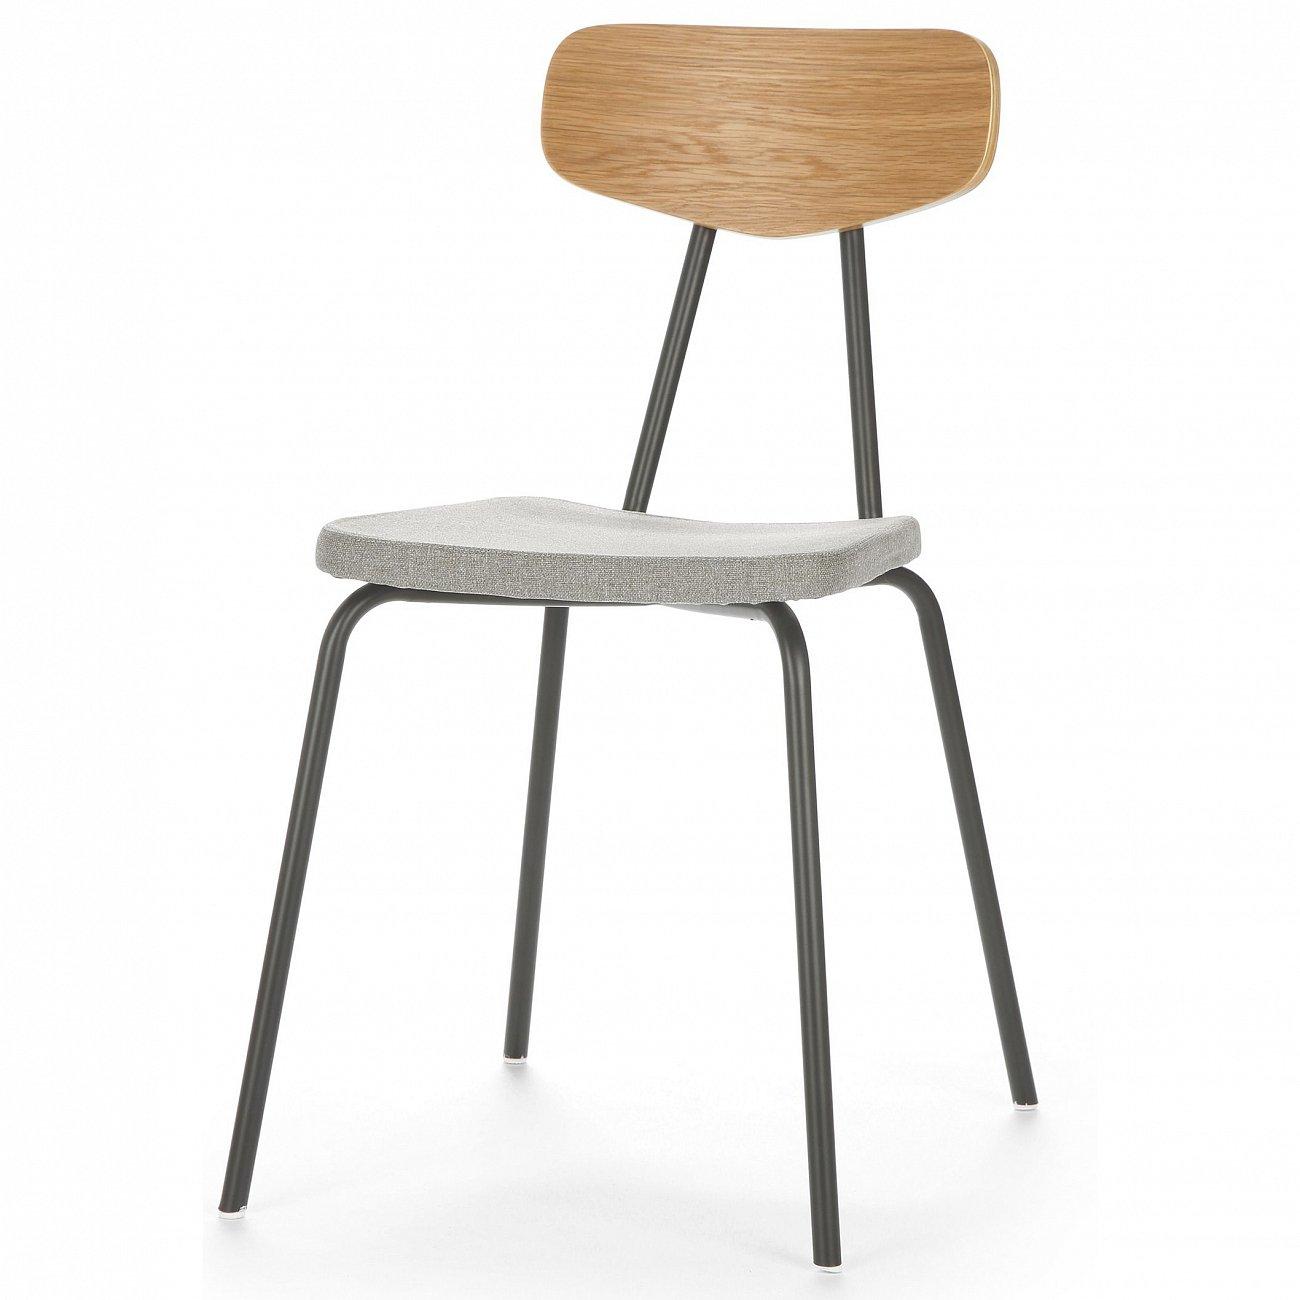 Купить Стул Pavesino Серый в интернет магазине дизайнерской мебели и аксессуаров для дома и дачи